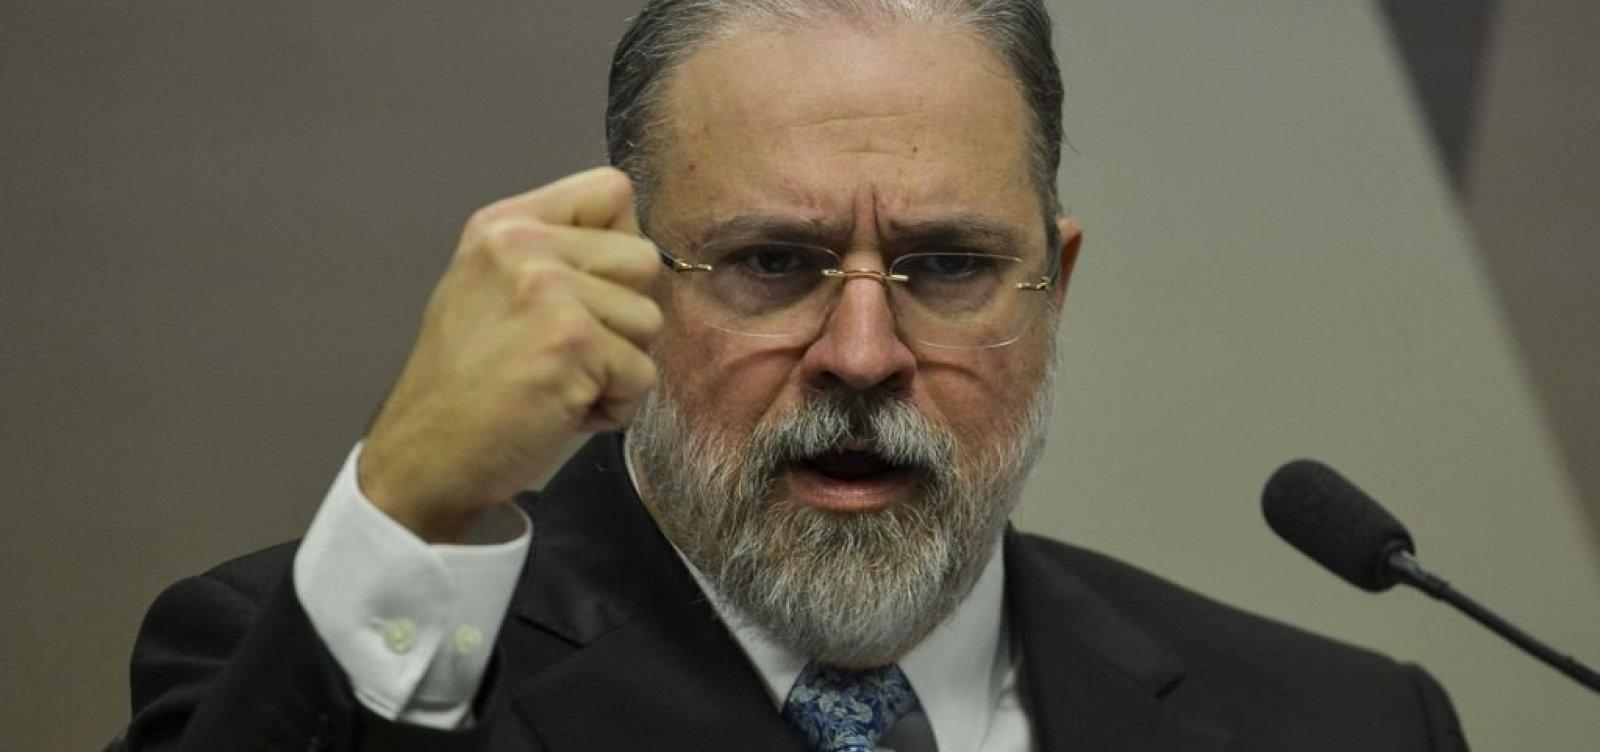 [Após aprovação do Senado, Bolsonaro nomeia Augusto Aras para PGR]